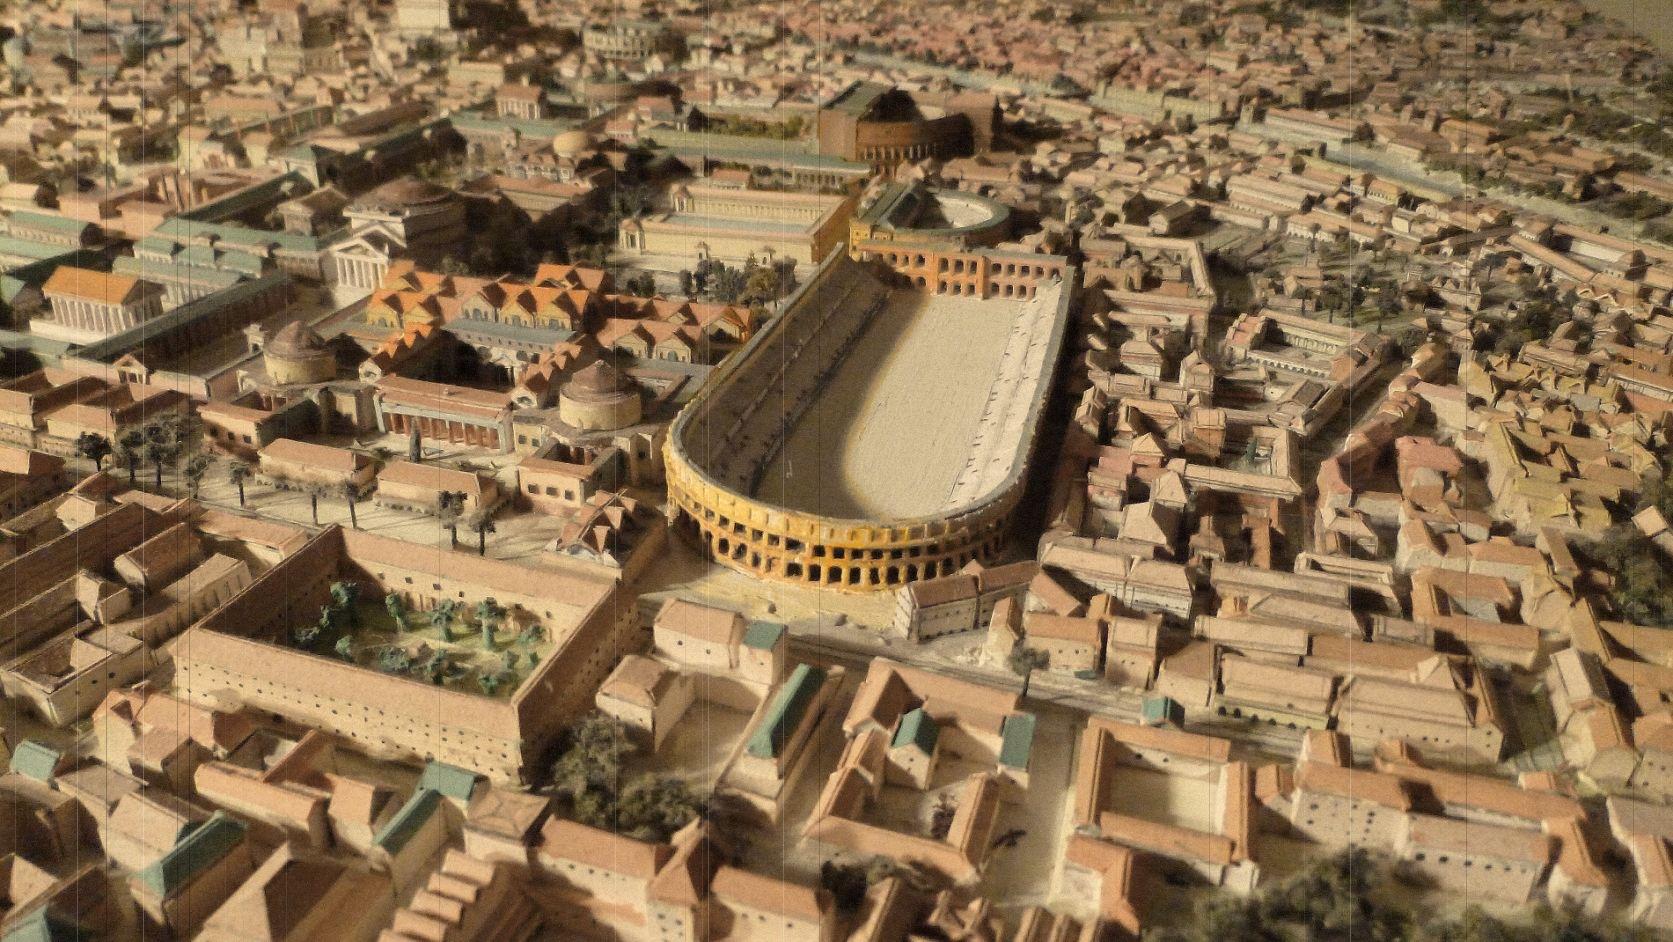 Maquette du stade Domitien, lieu de la place Navone à Rome.  Source : maquettes-historiques.net